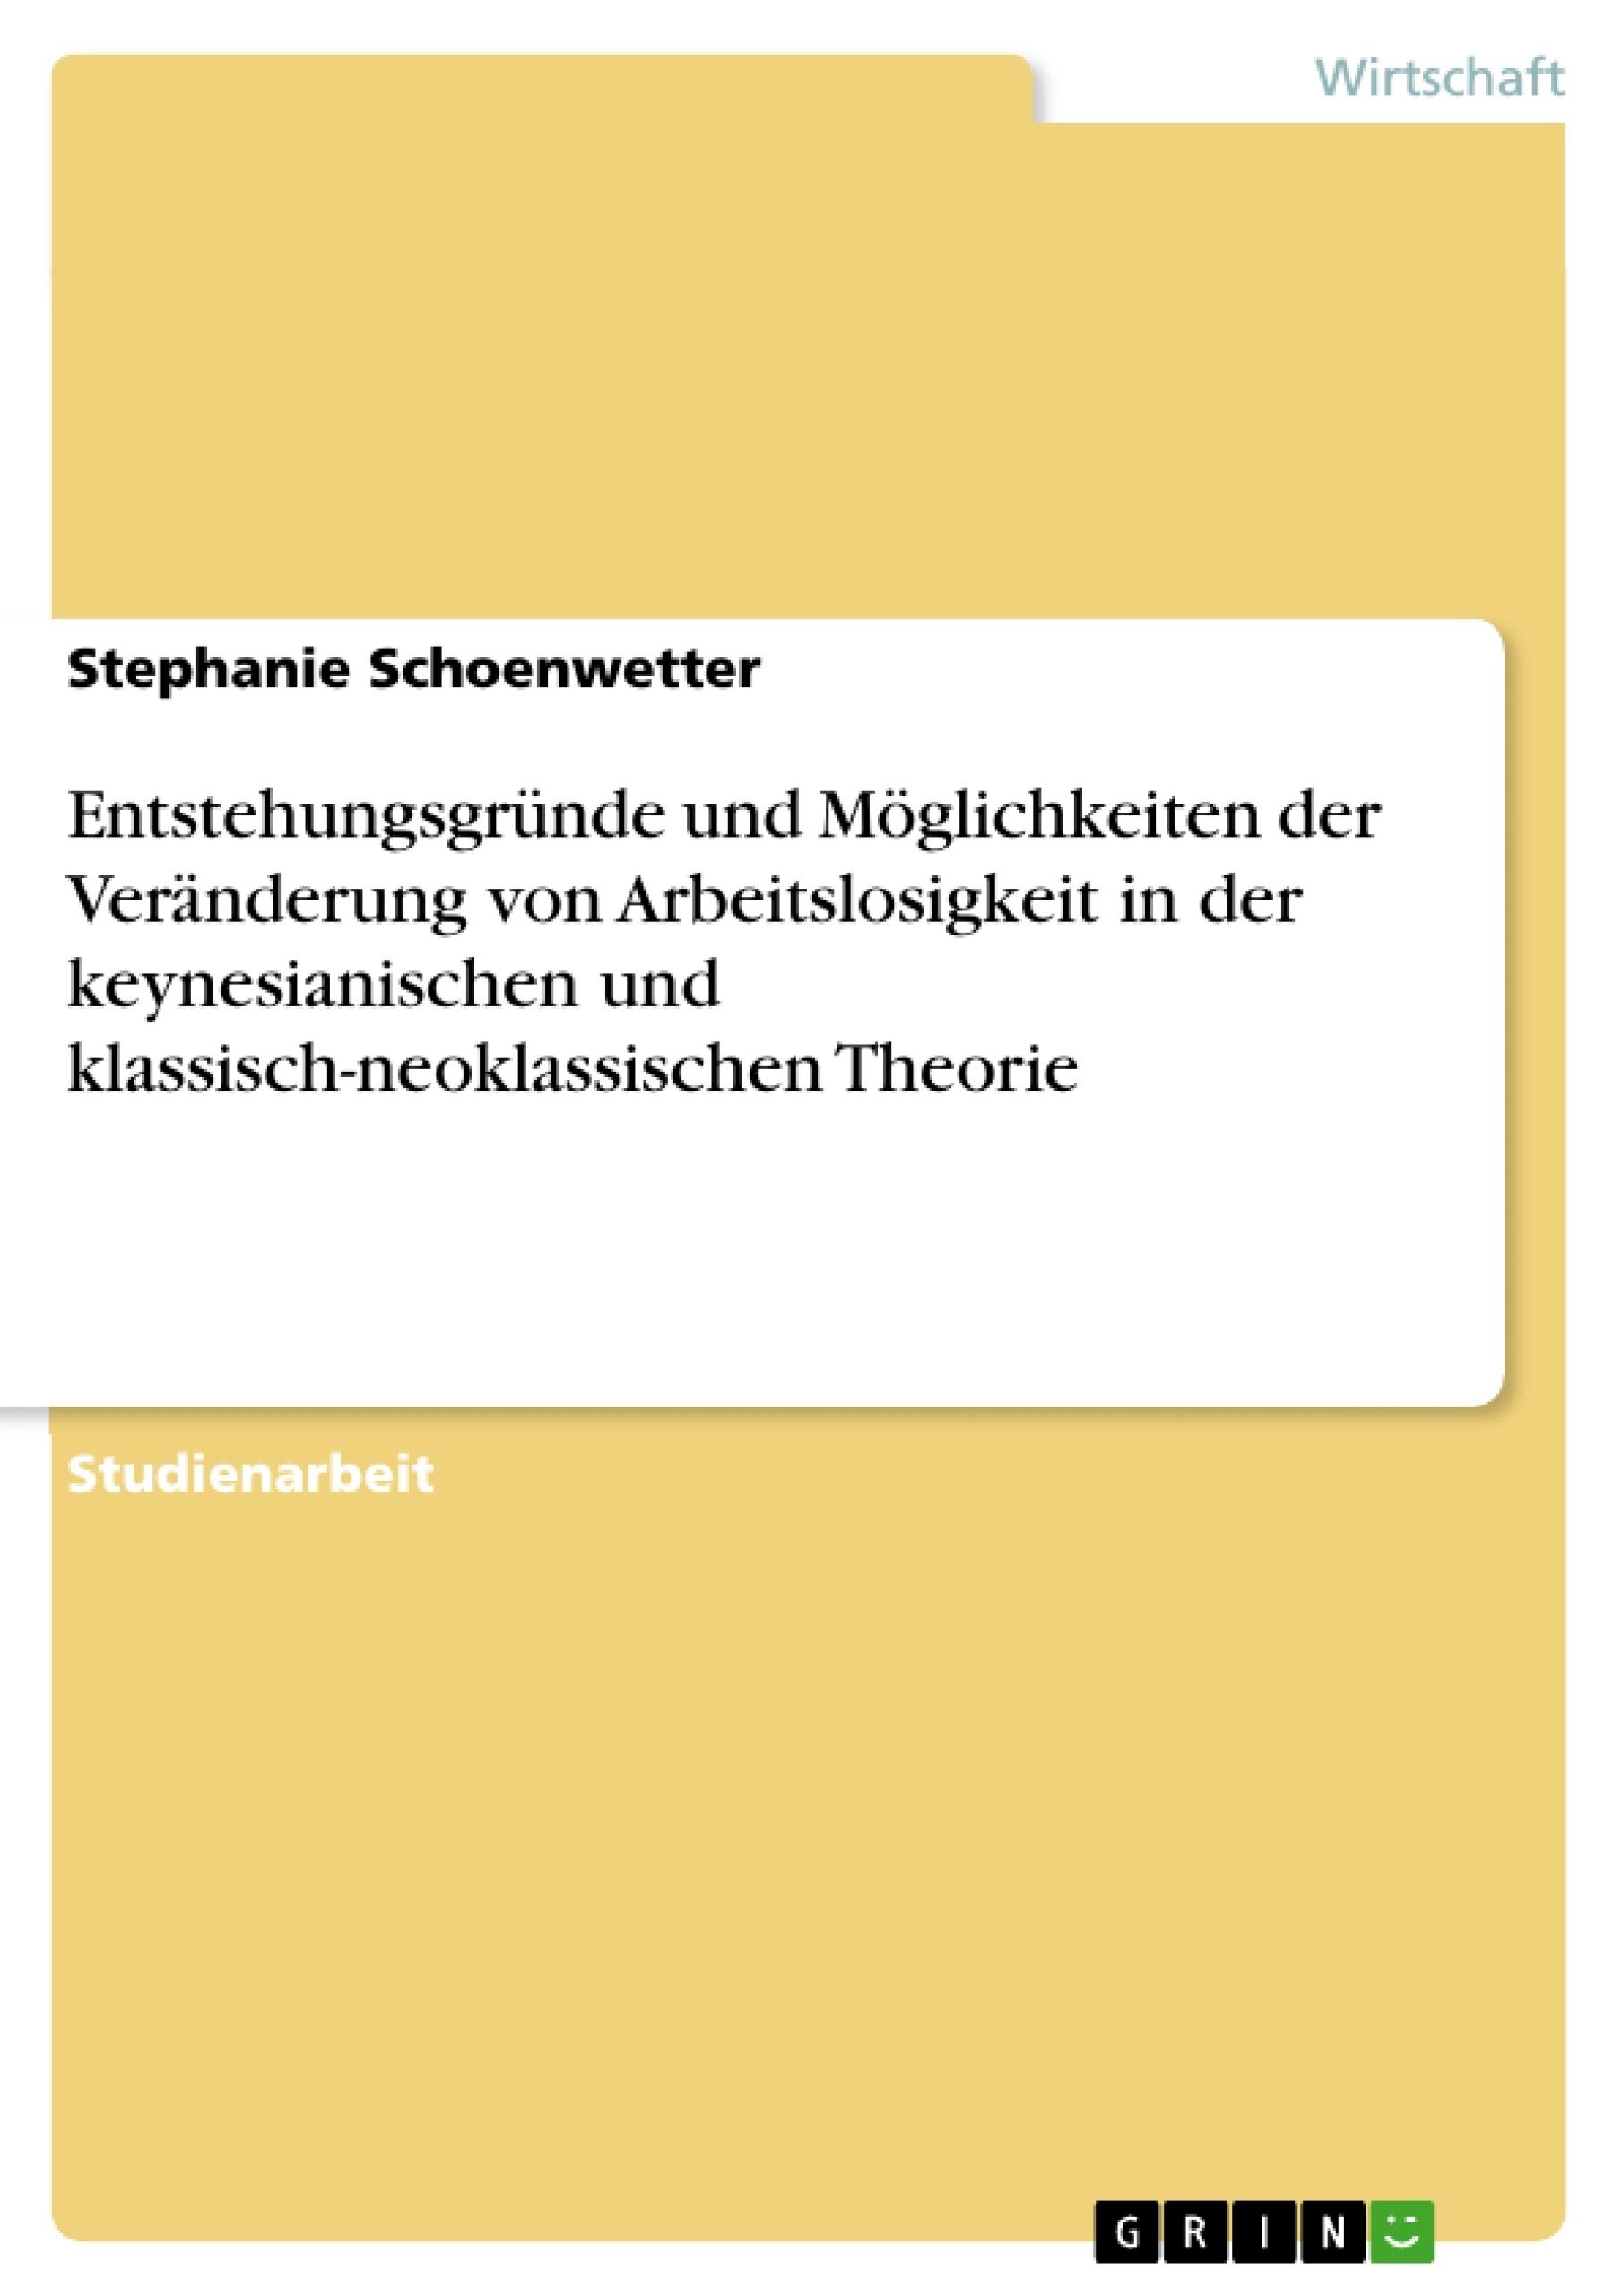 Titel: Entstehungsgründe und Möglichkeiten der Veränderung von Arbeitslosigkeit in der keynesianischen und klassisch-neoklassischen Theorie